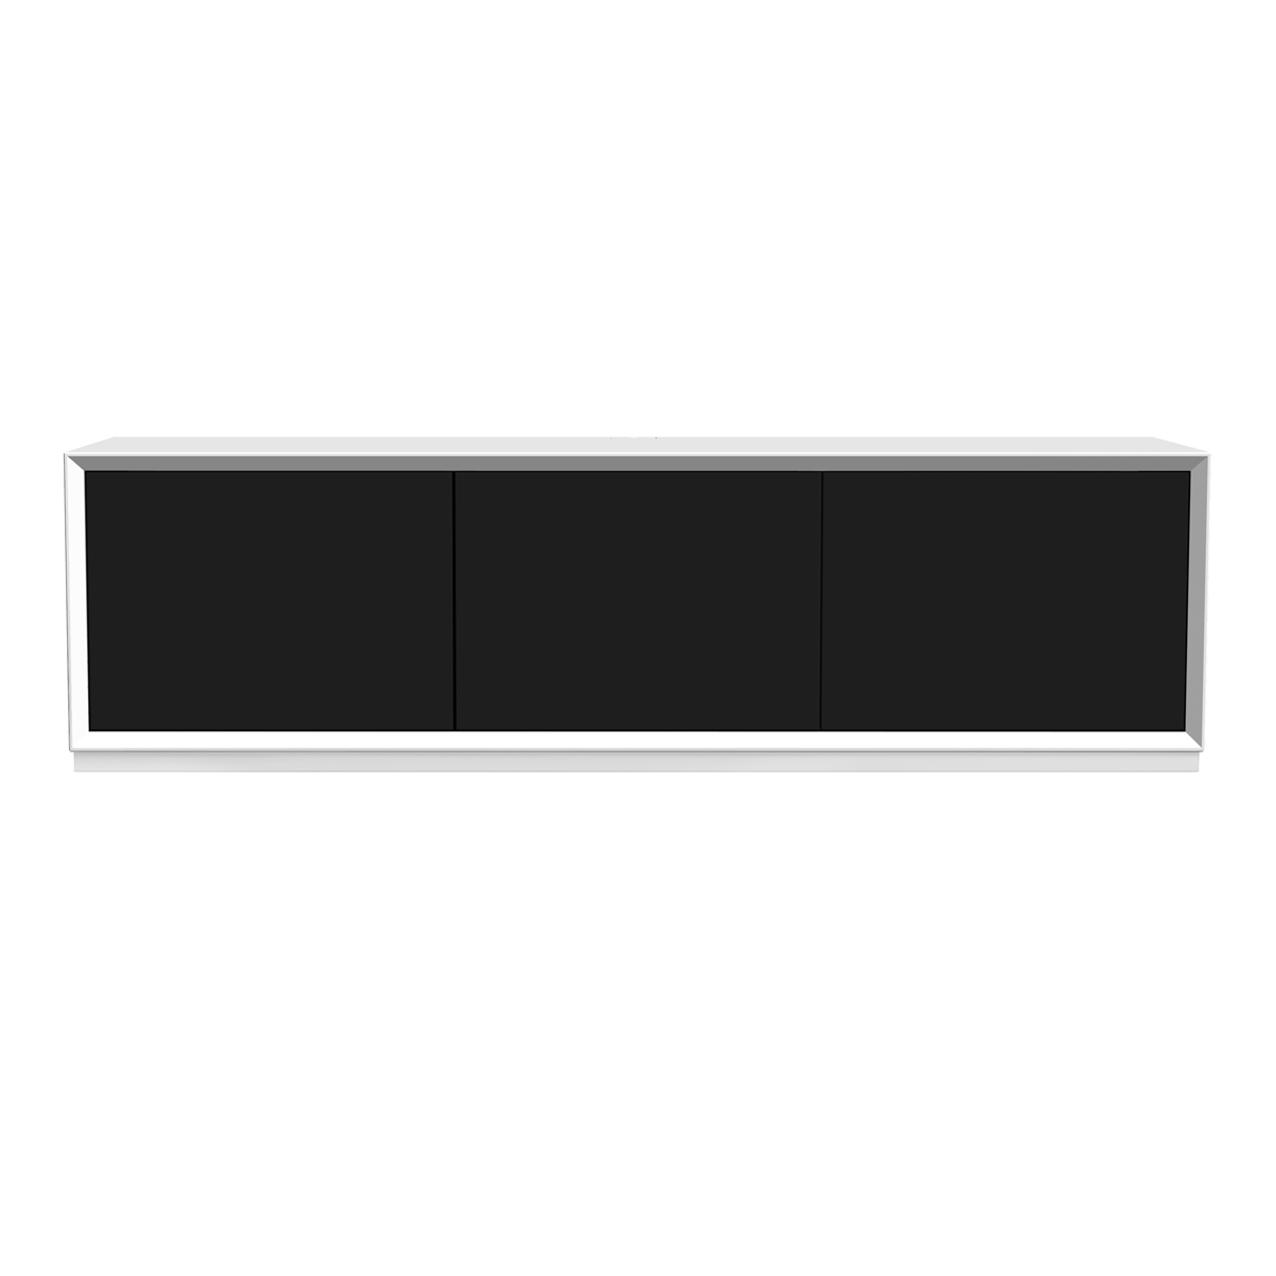 New Air tv-bänk vit 152 cm med dörrar i svart och golvsockel.